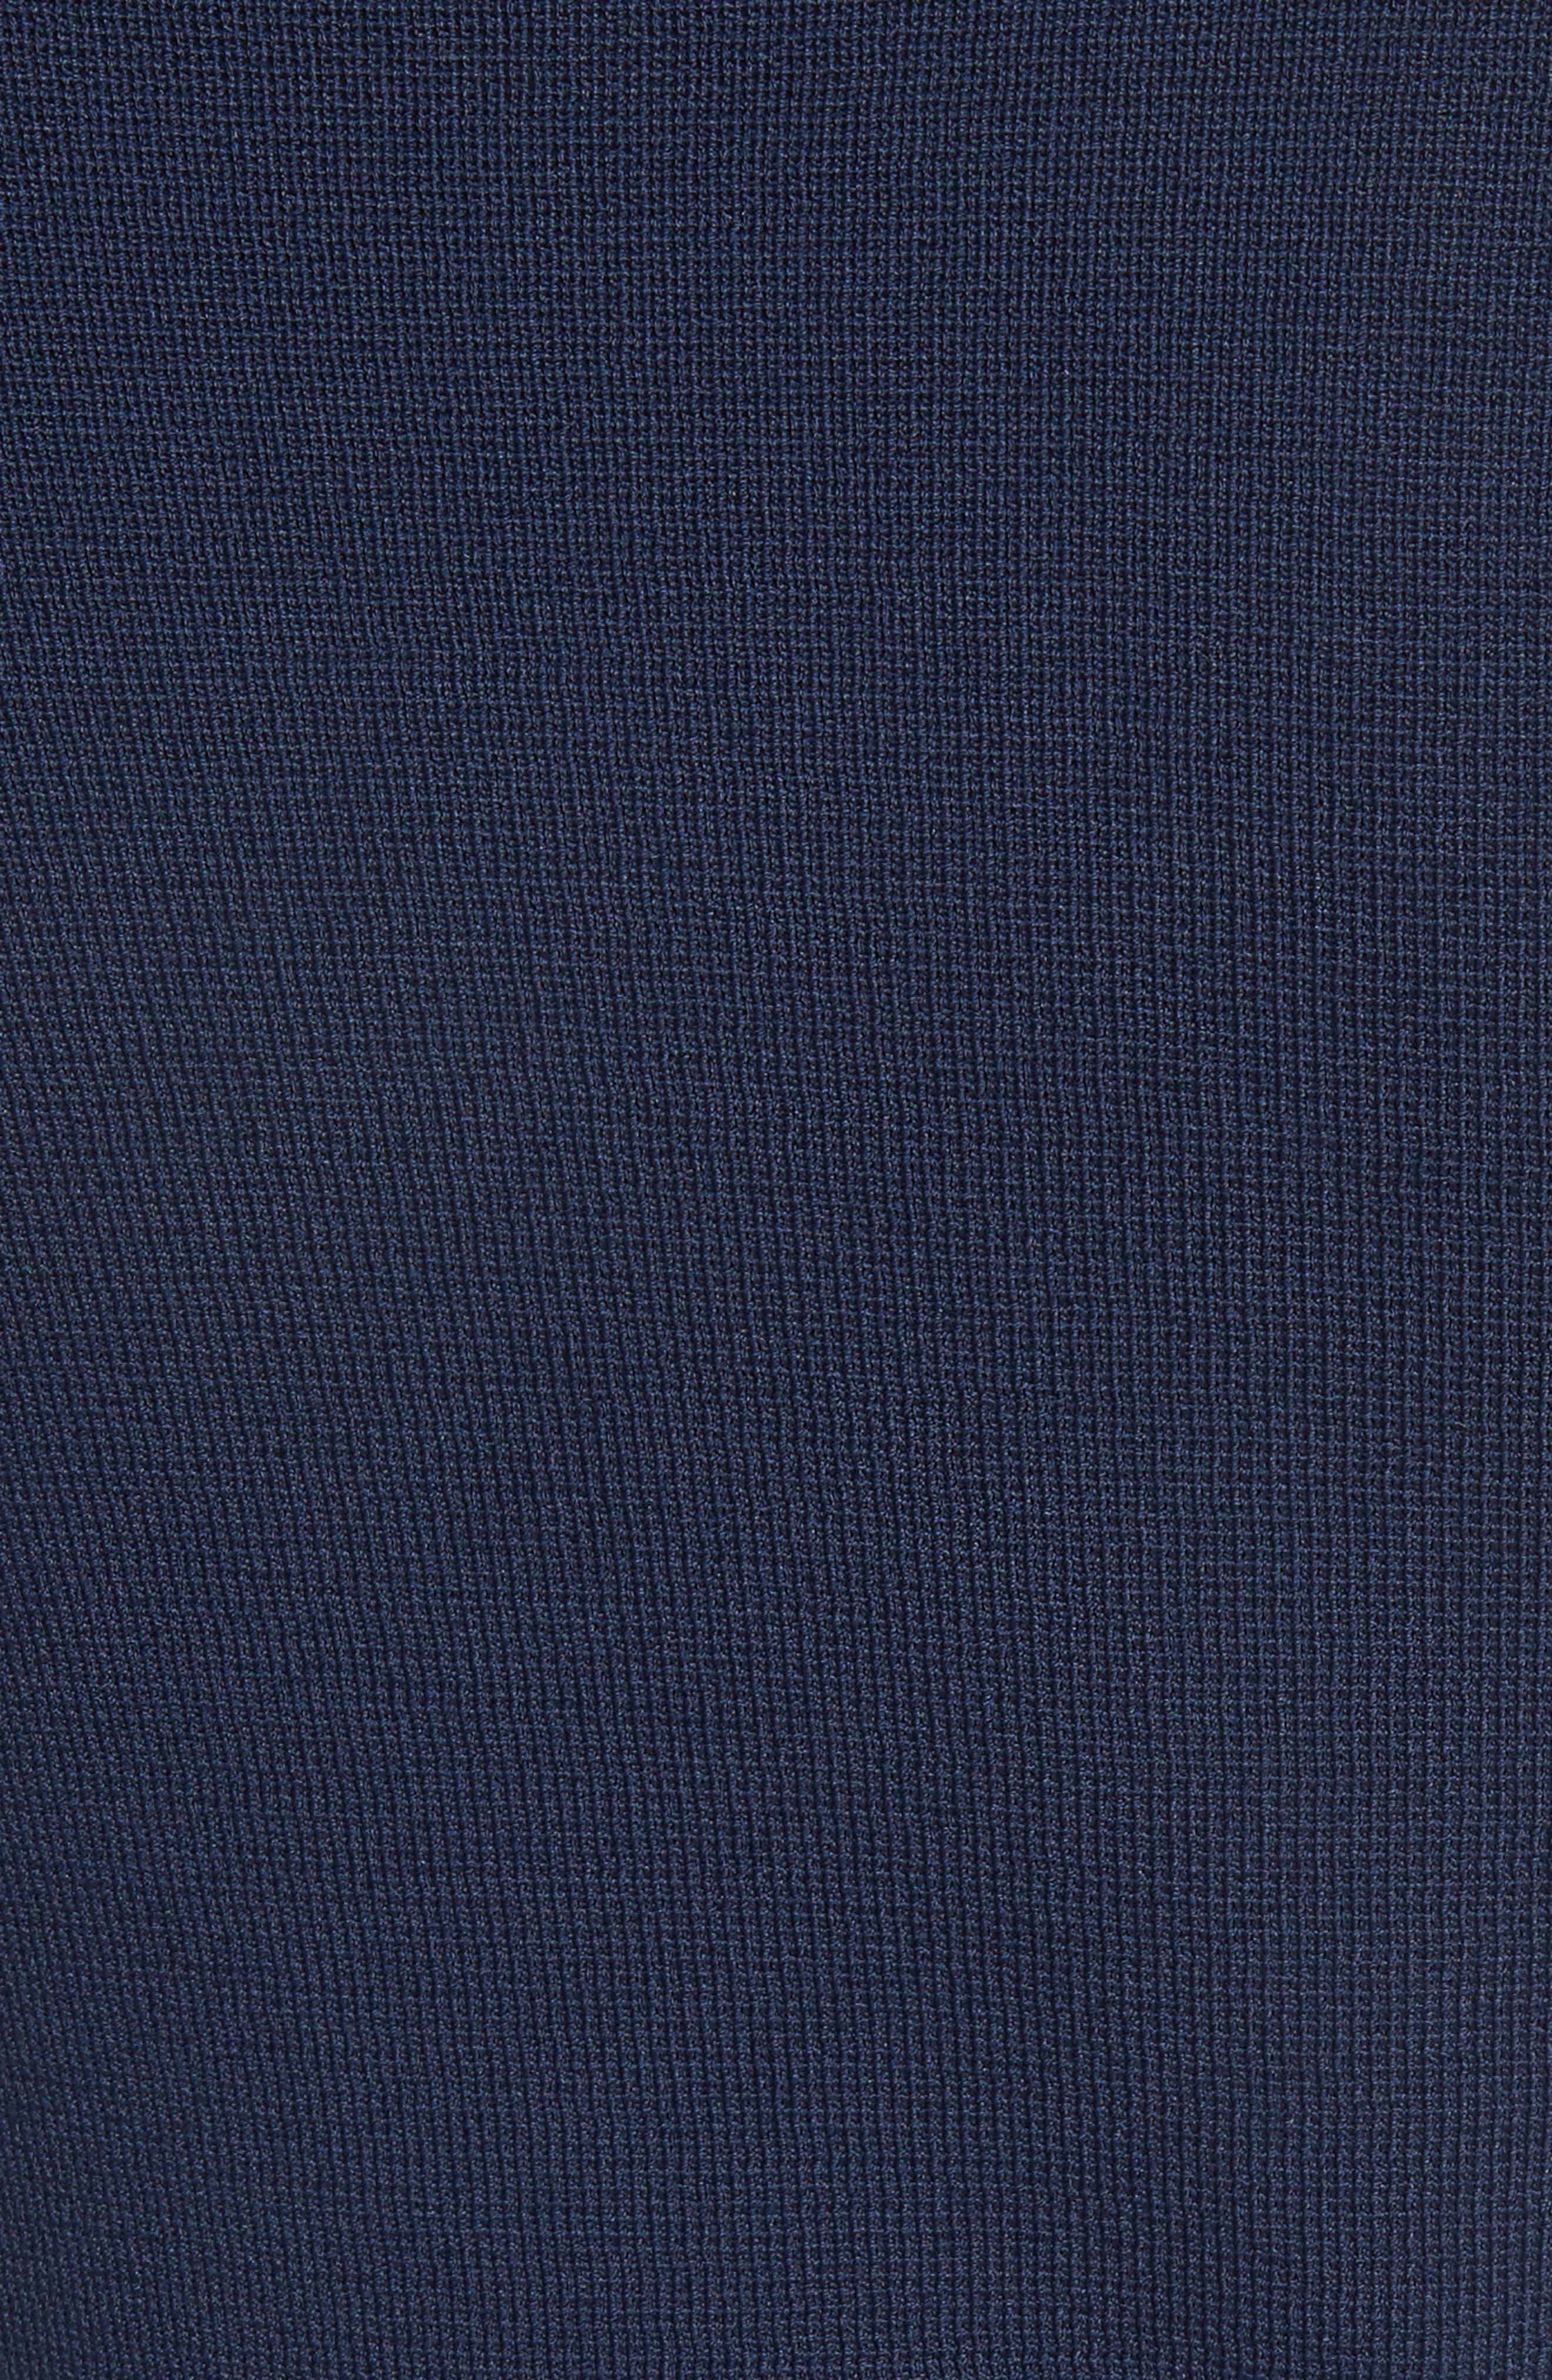 Button Detail Knit Dress,                             Alternate thumbnail 5, color,